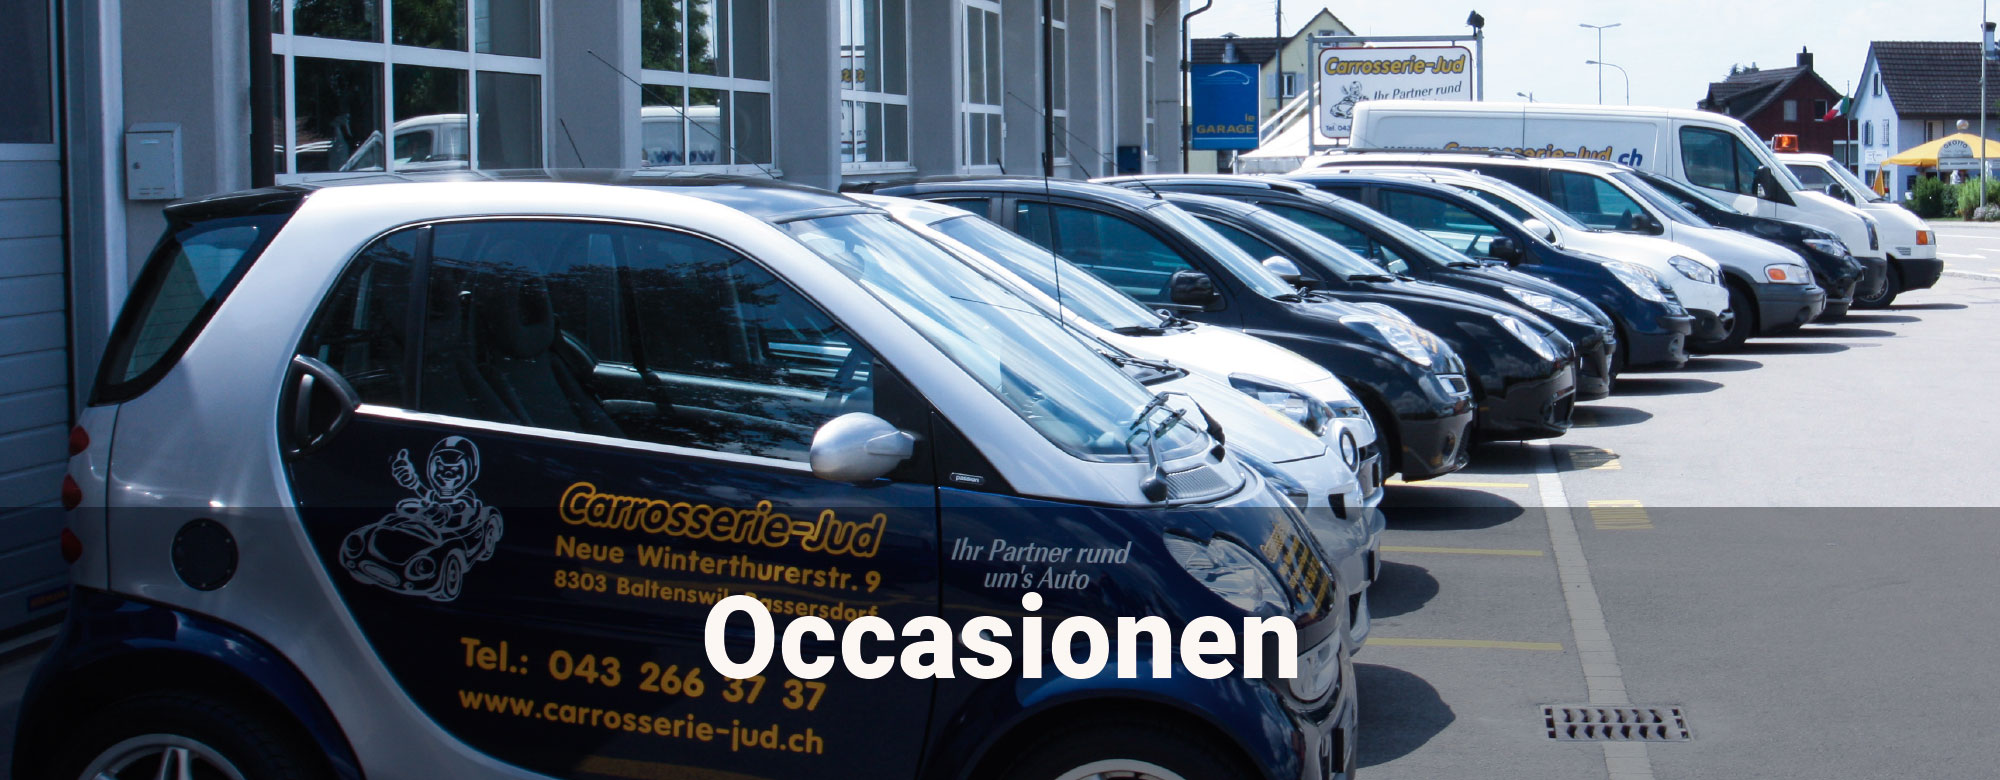 Auto Occasion